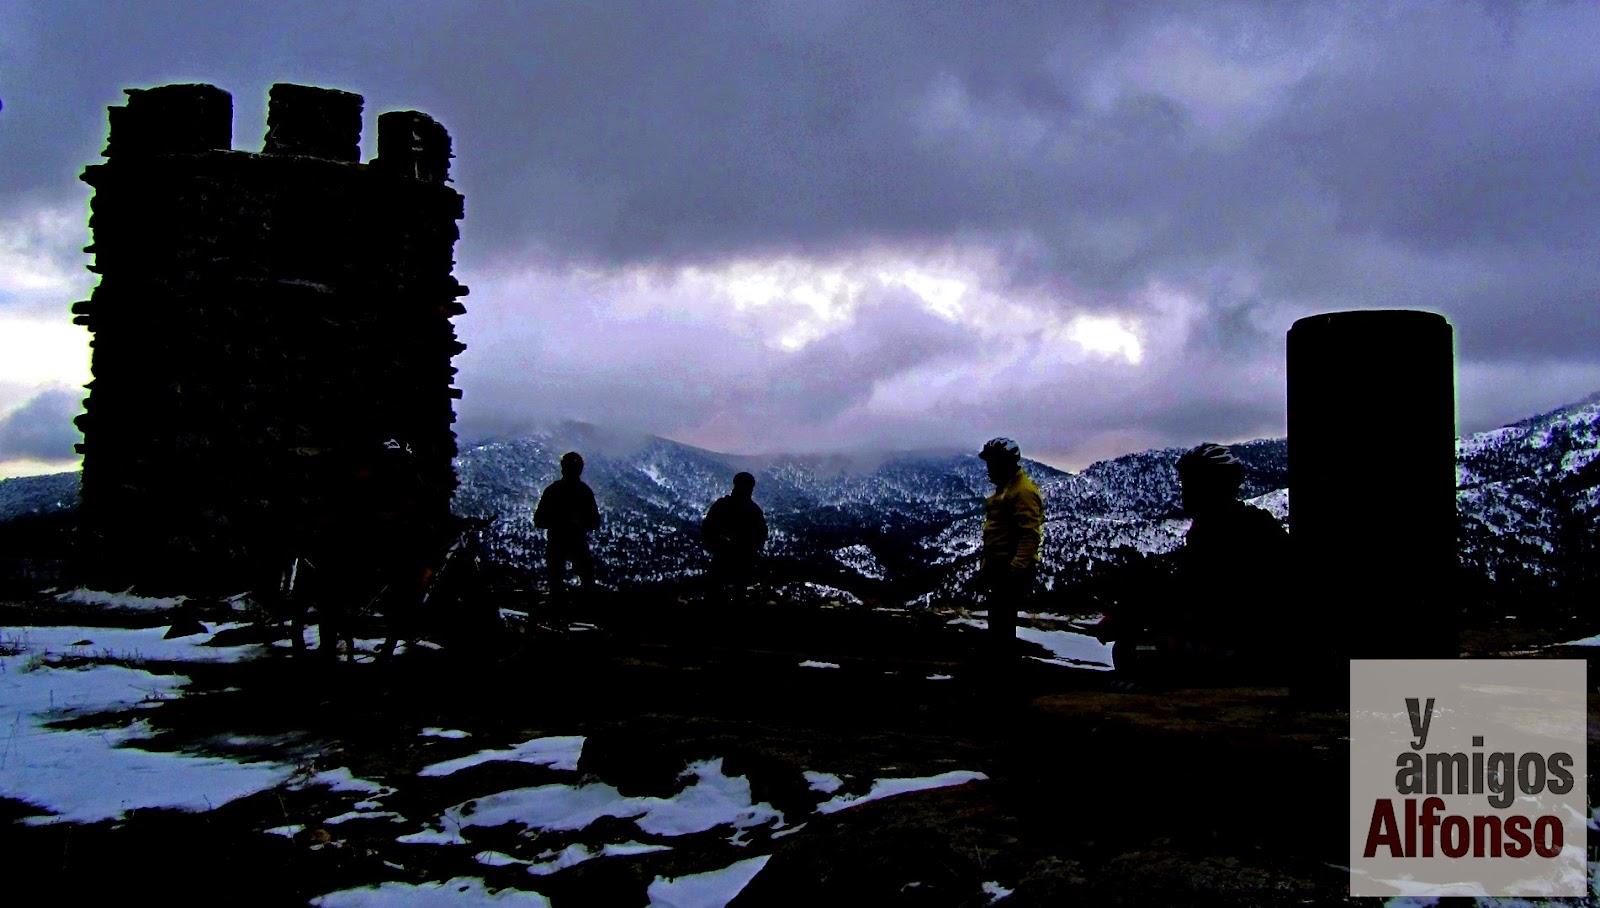 Alto de Cabeza Reina - Alfonsoyamigos